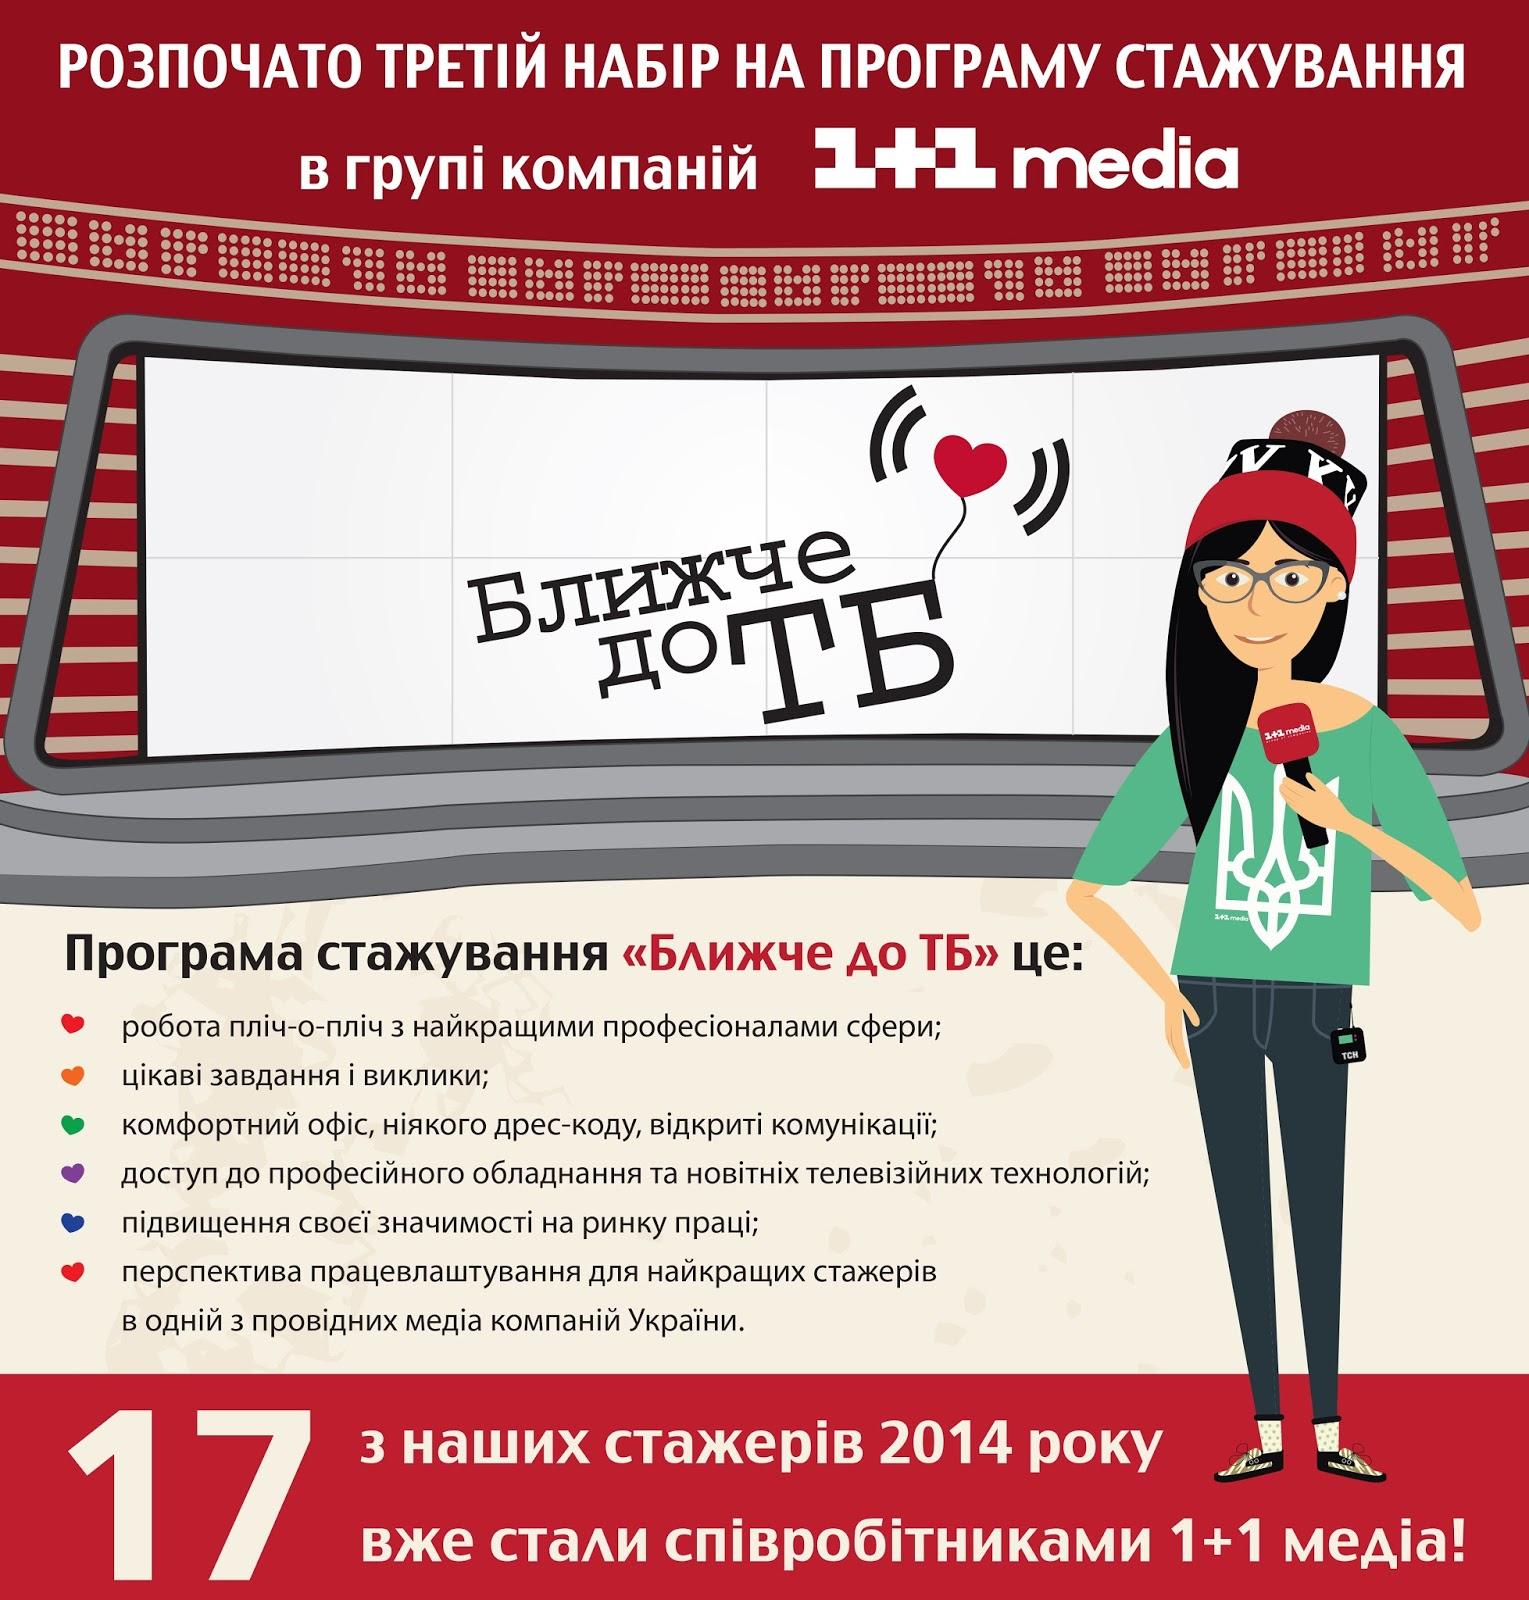 1+1 медіа оголошує третій набір на програму стажування «Ближче до ТБ»